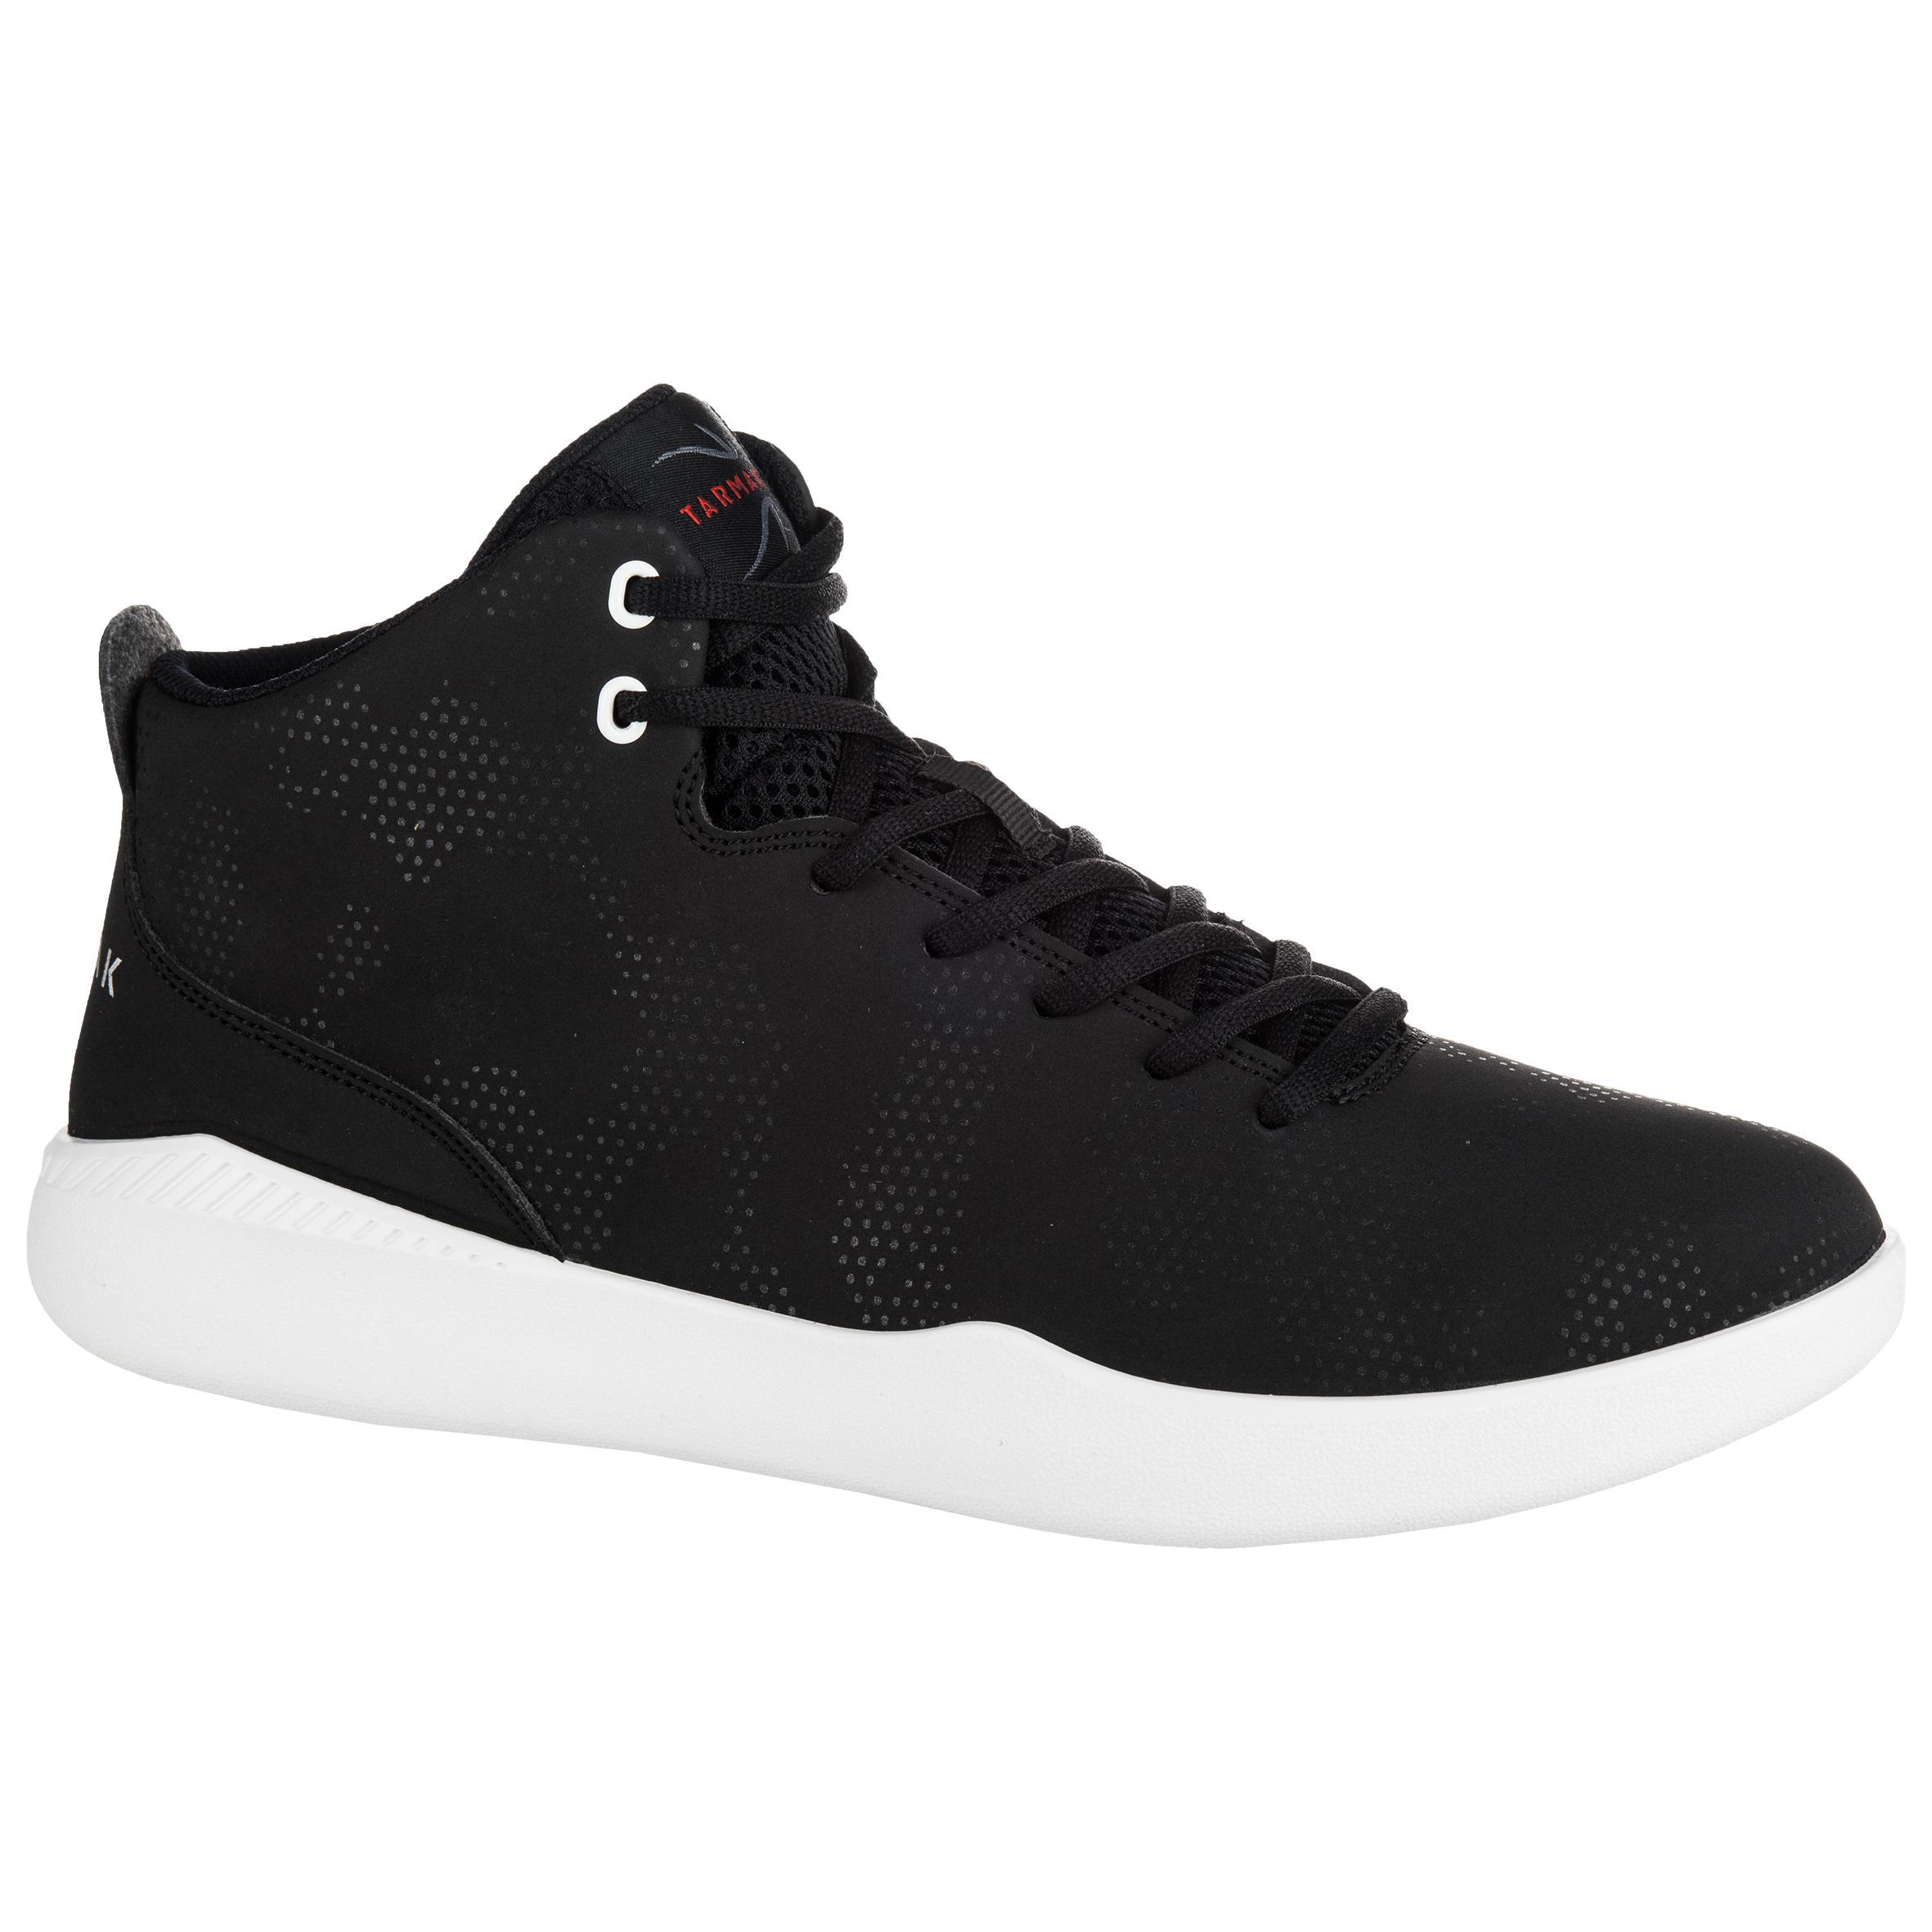 Men's/Women's Basketball Shoes Beginner